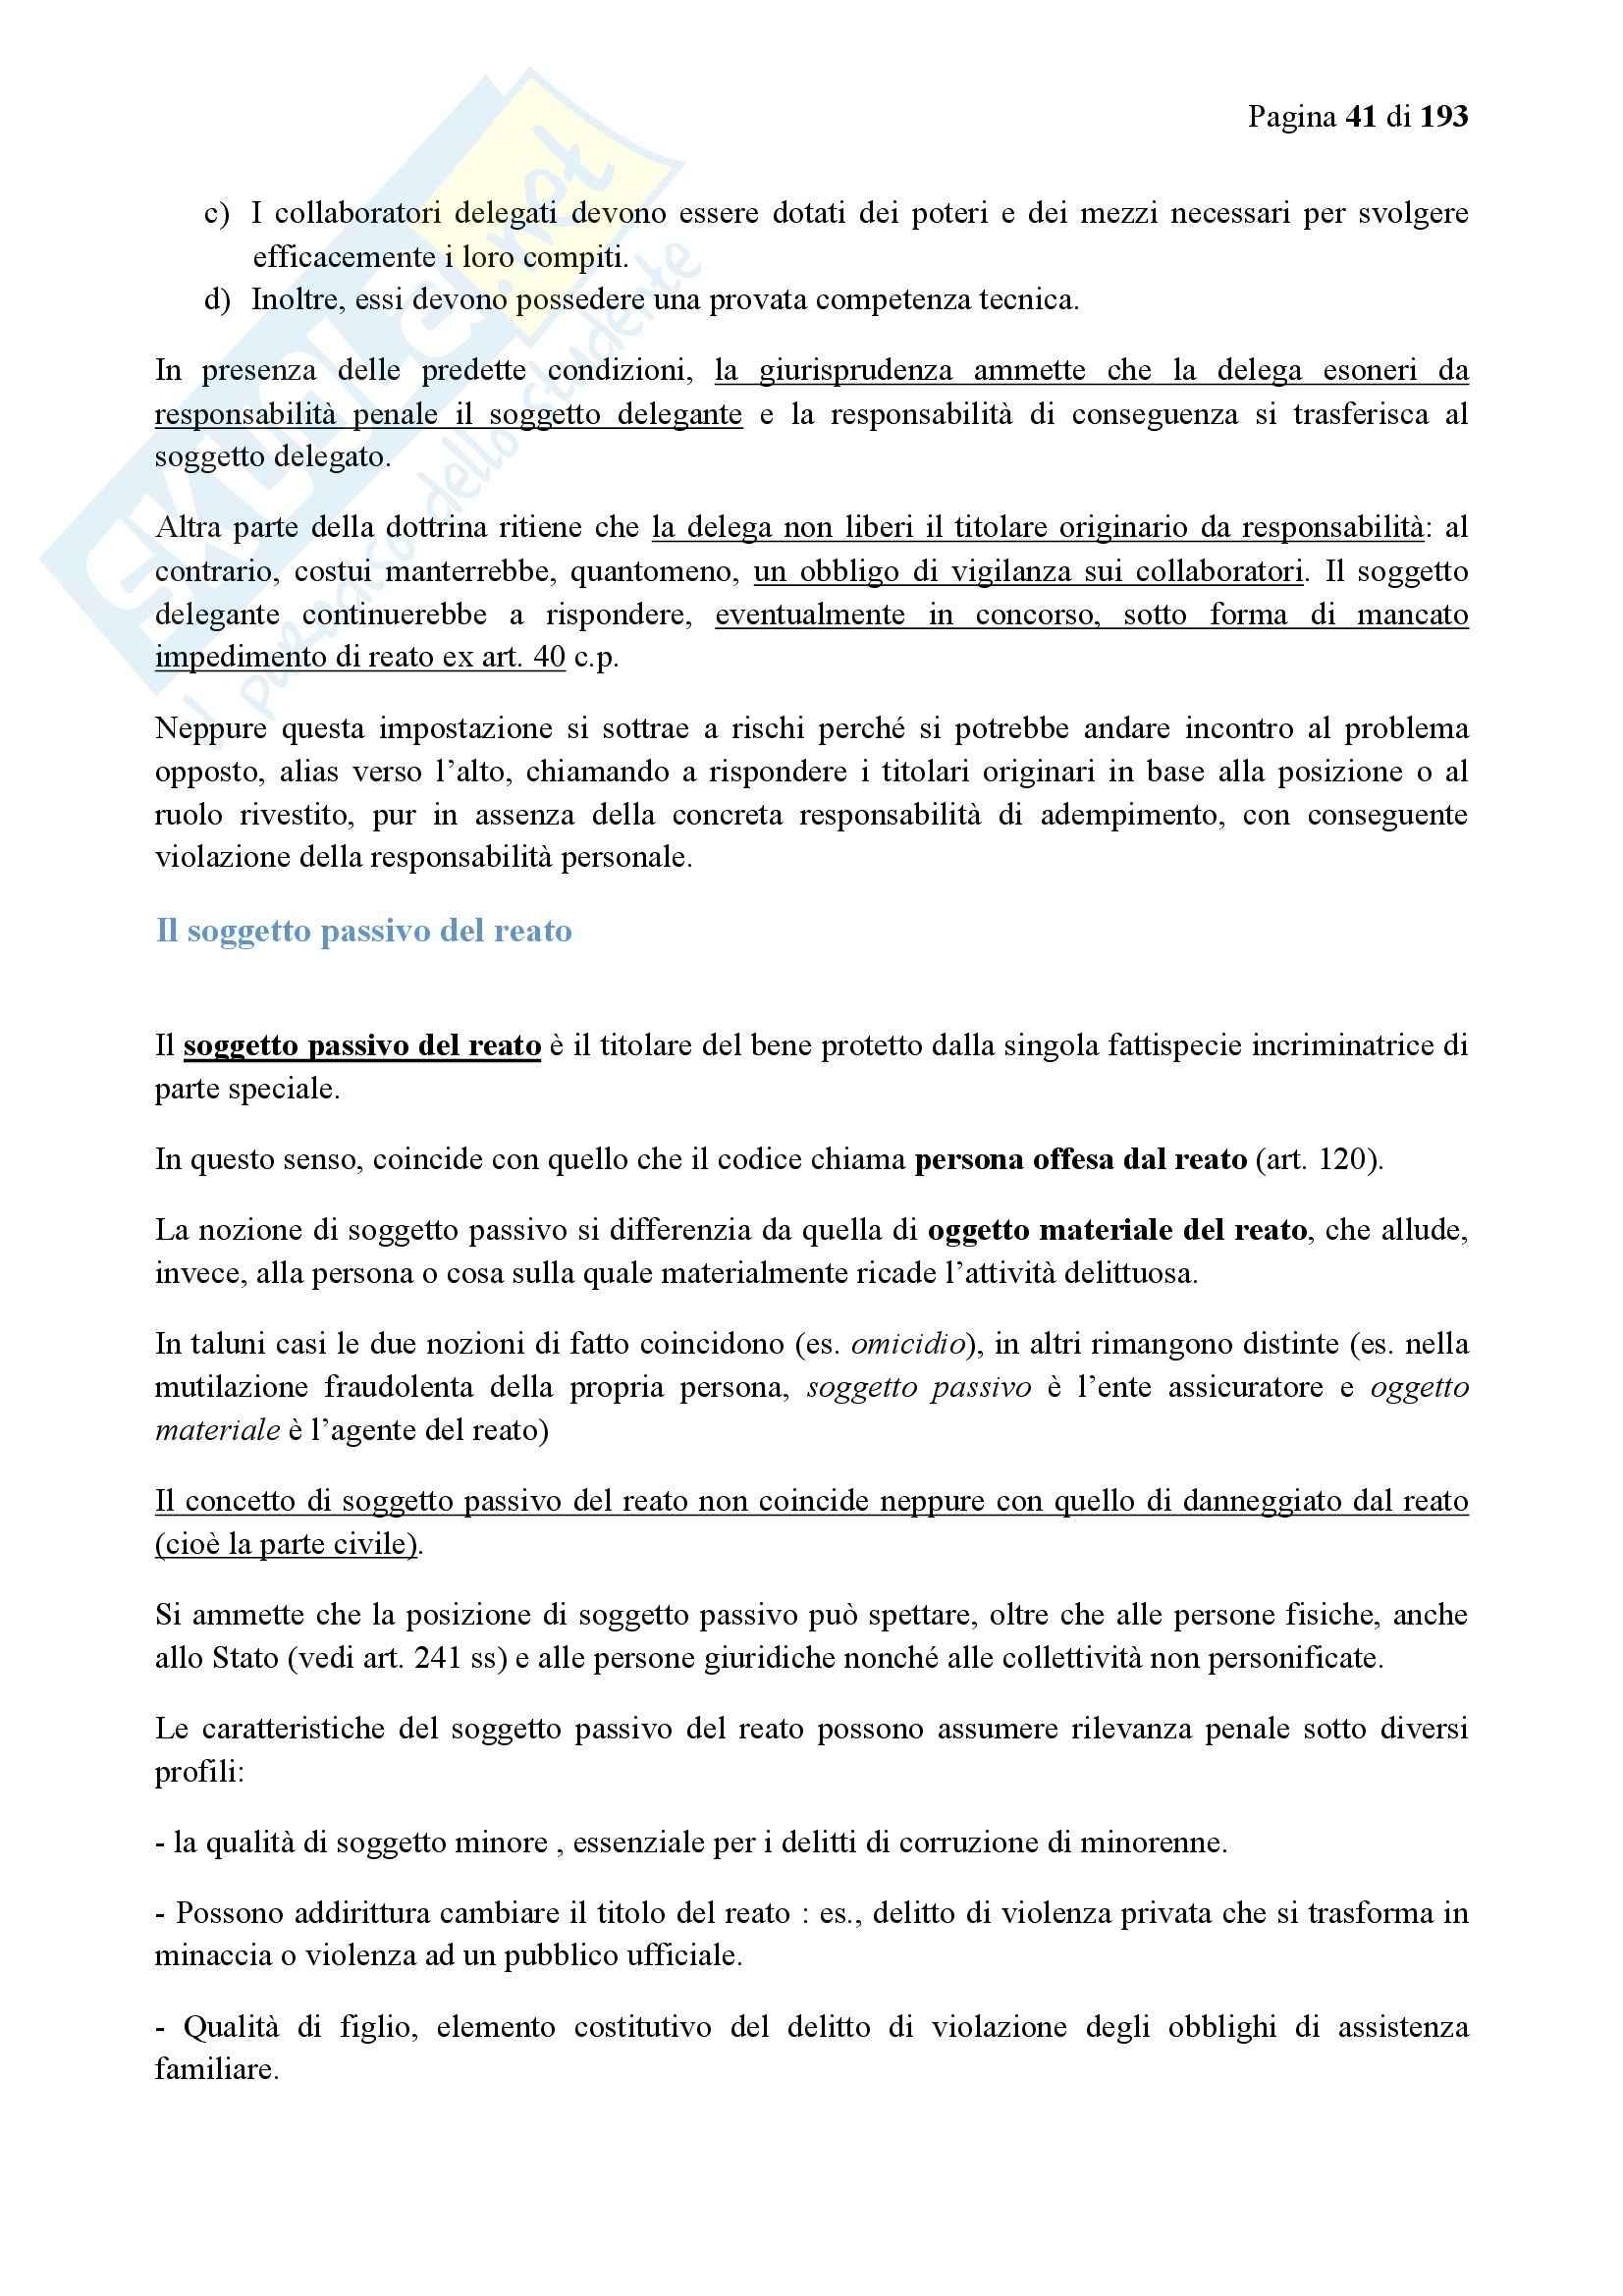 Riassunto esame Diritto Penale, prof. Bondi, libro consigliato Diritto Penale I, Vol I, Fiandaca Musco Pag. 41